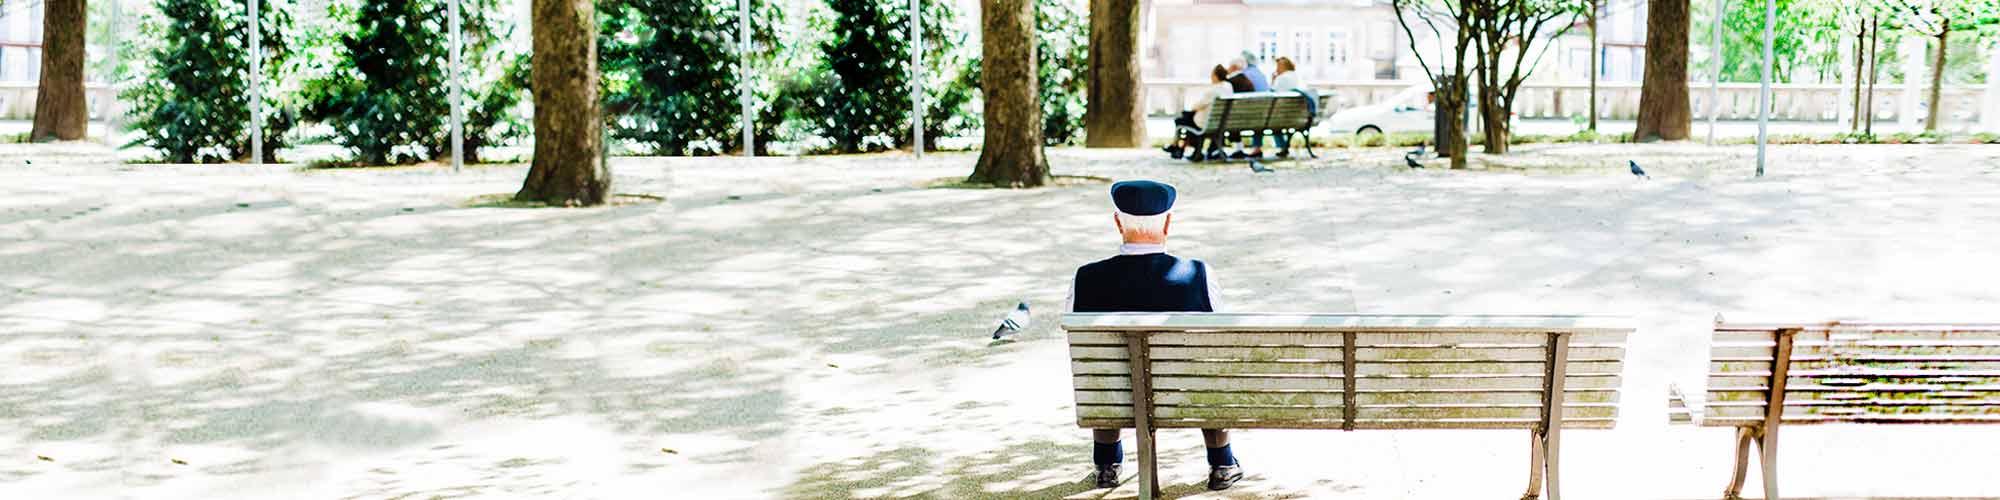 Urbanismo e envelhecimento